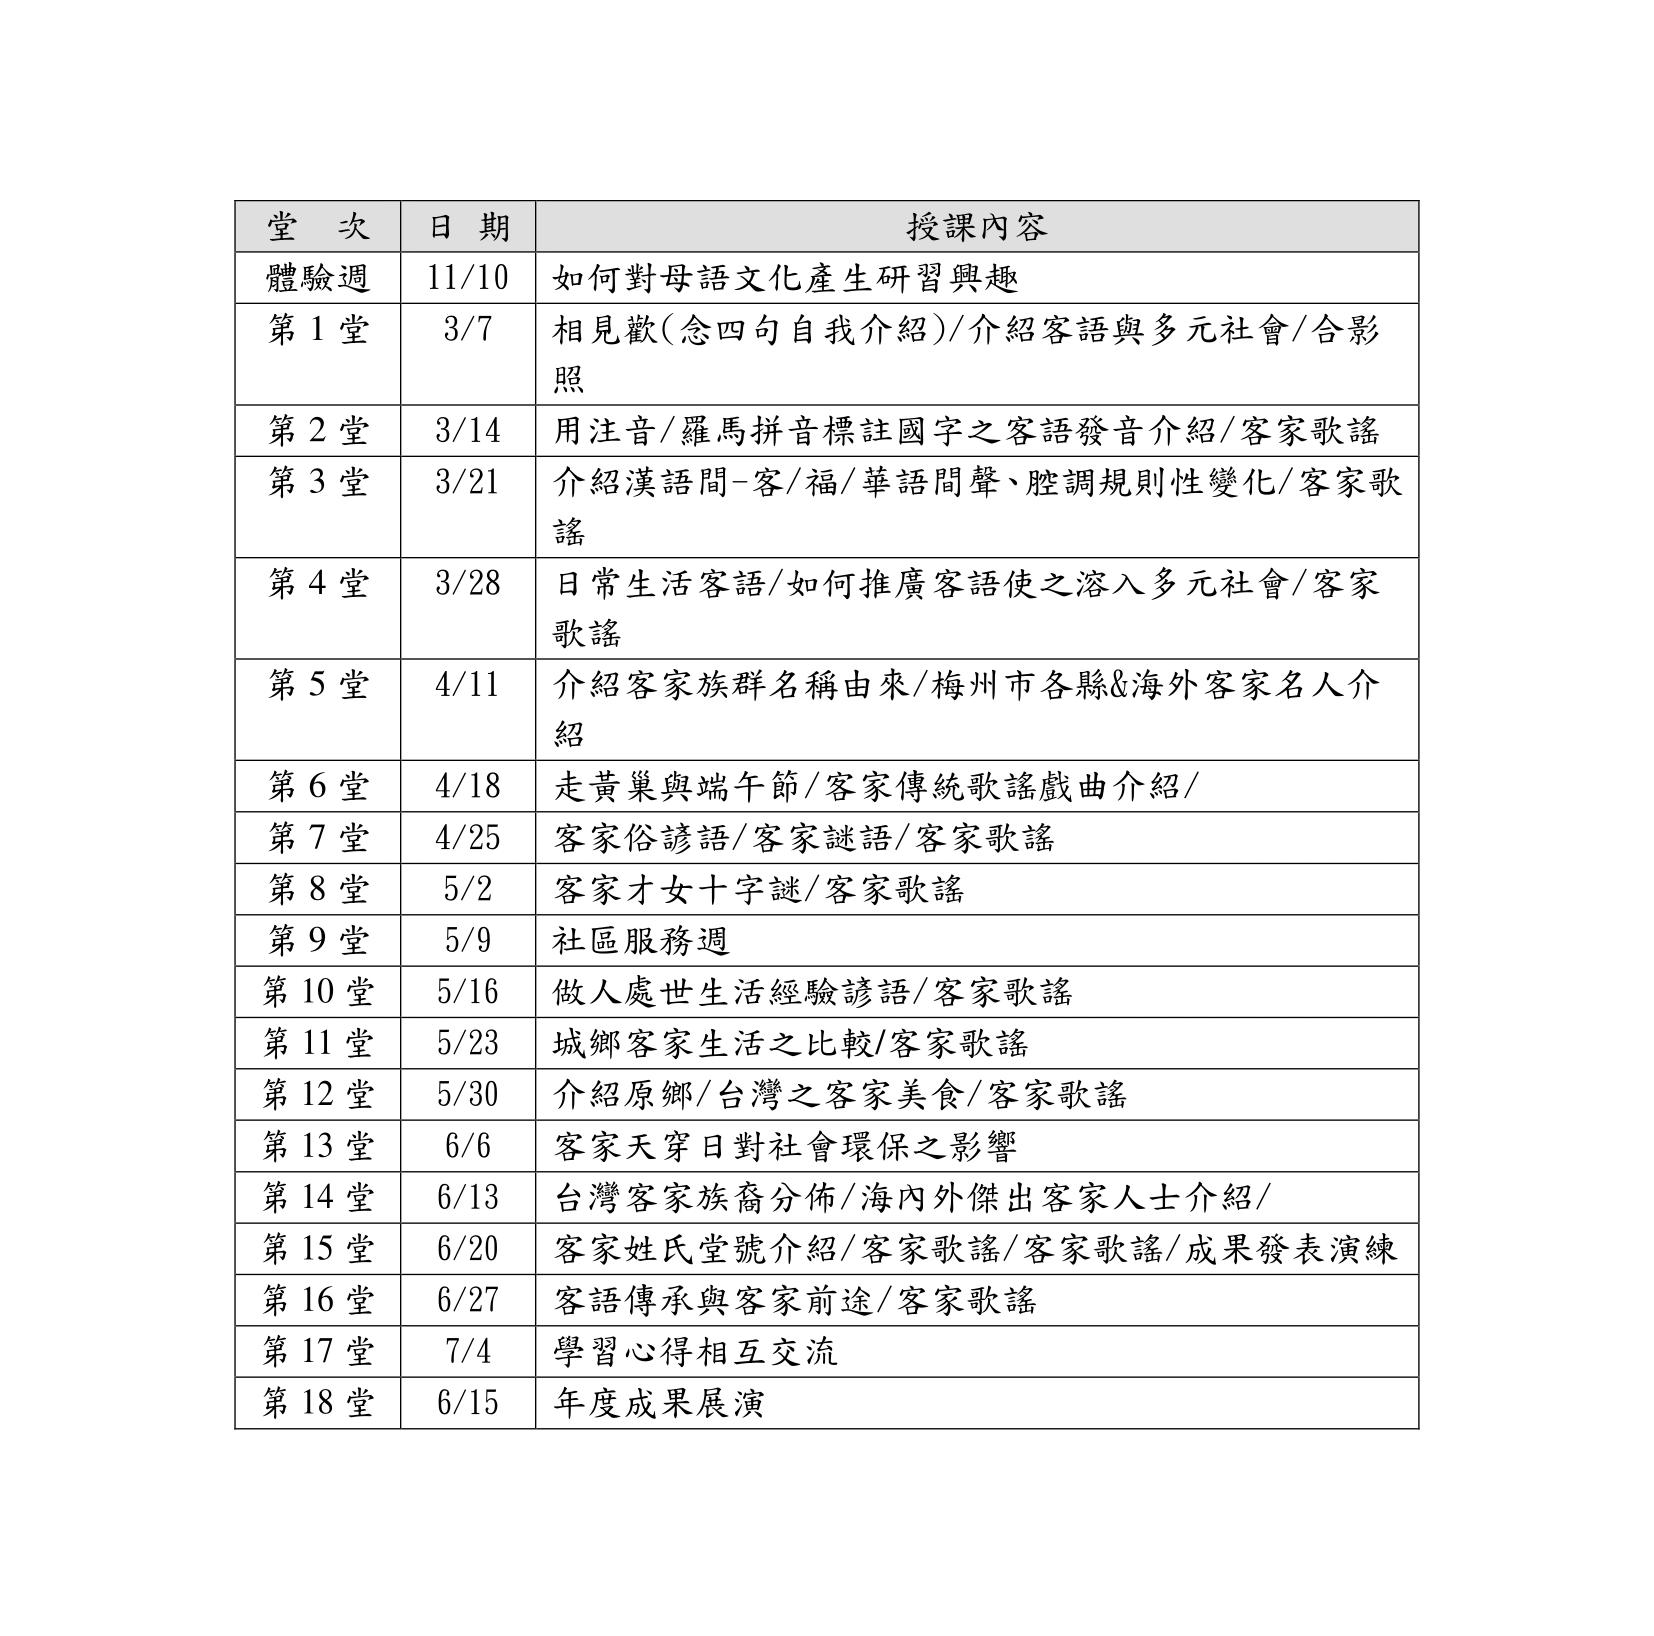 單堂課程表-21.png